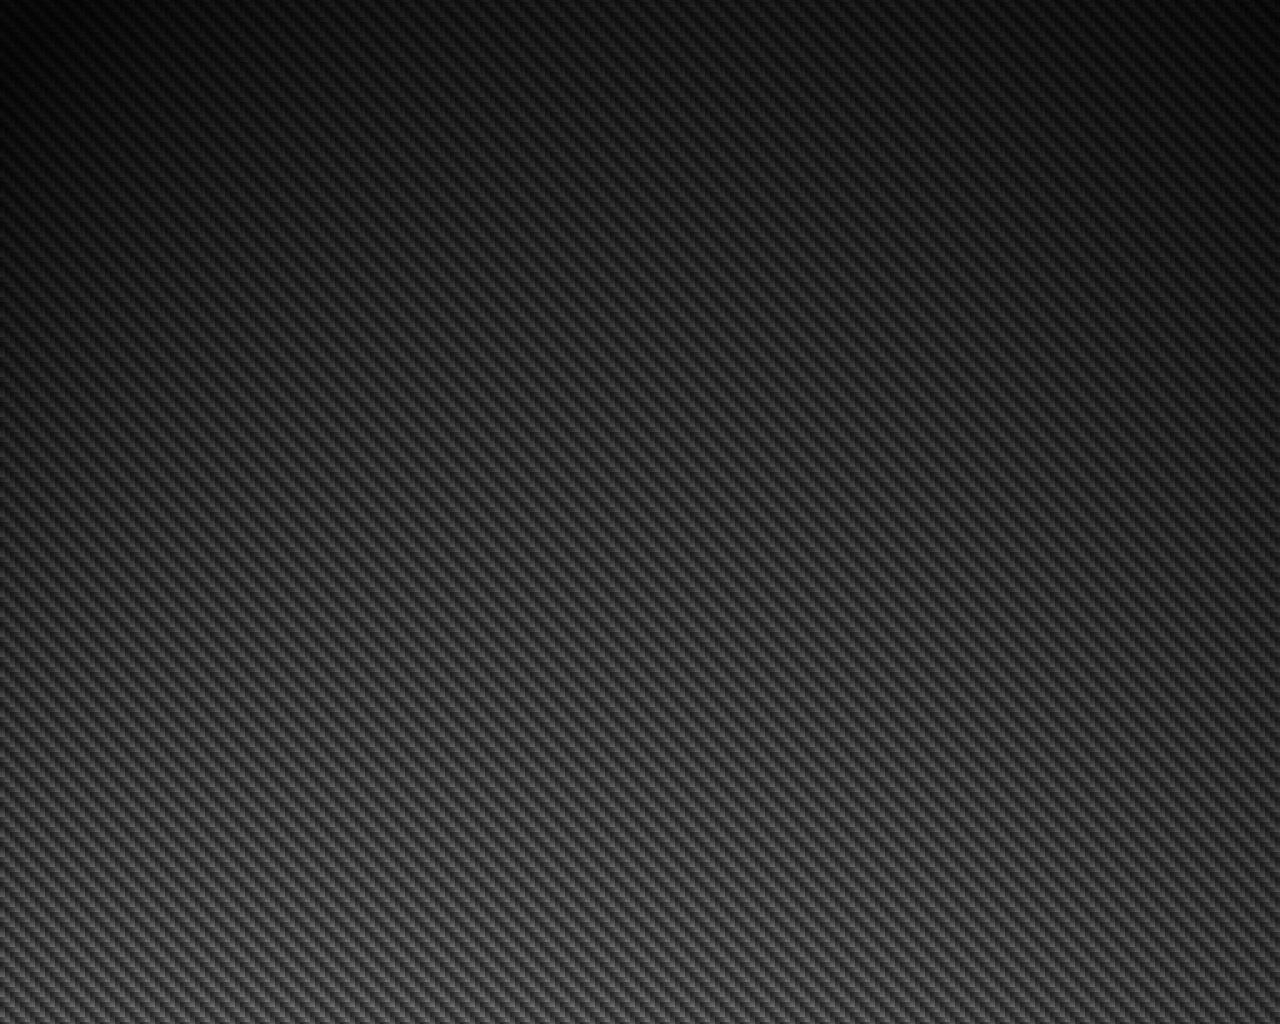 Textured Wallpaper Free Carbon Fiber Wallpaper Ebin Carbon Fiber Wallpaper Black Background Wallpaper Carbon